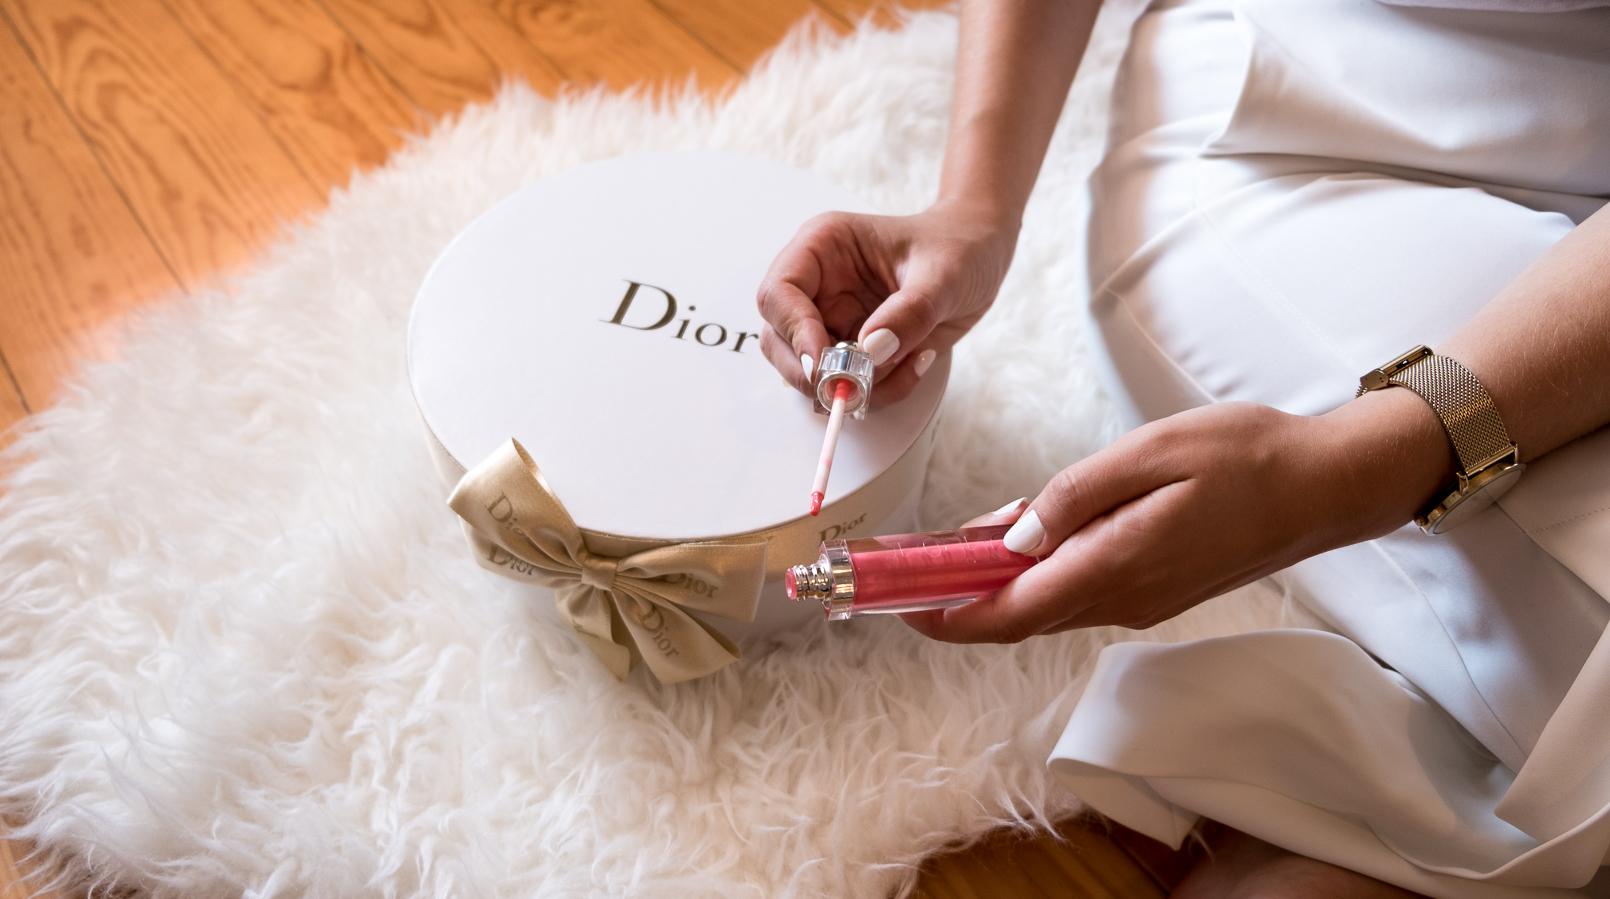 Le Fashionaire O batom da Dior em que ando viciada! culottes brancas zara botoes dourados caixa branca redonda dior letras douradas batom rosa dior addict ultra gloss pearl 576 tapete branco pelos ikea 6283F PT